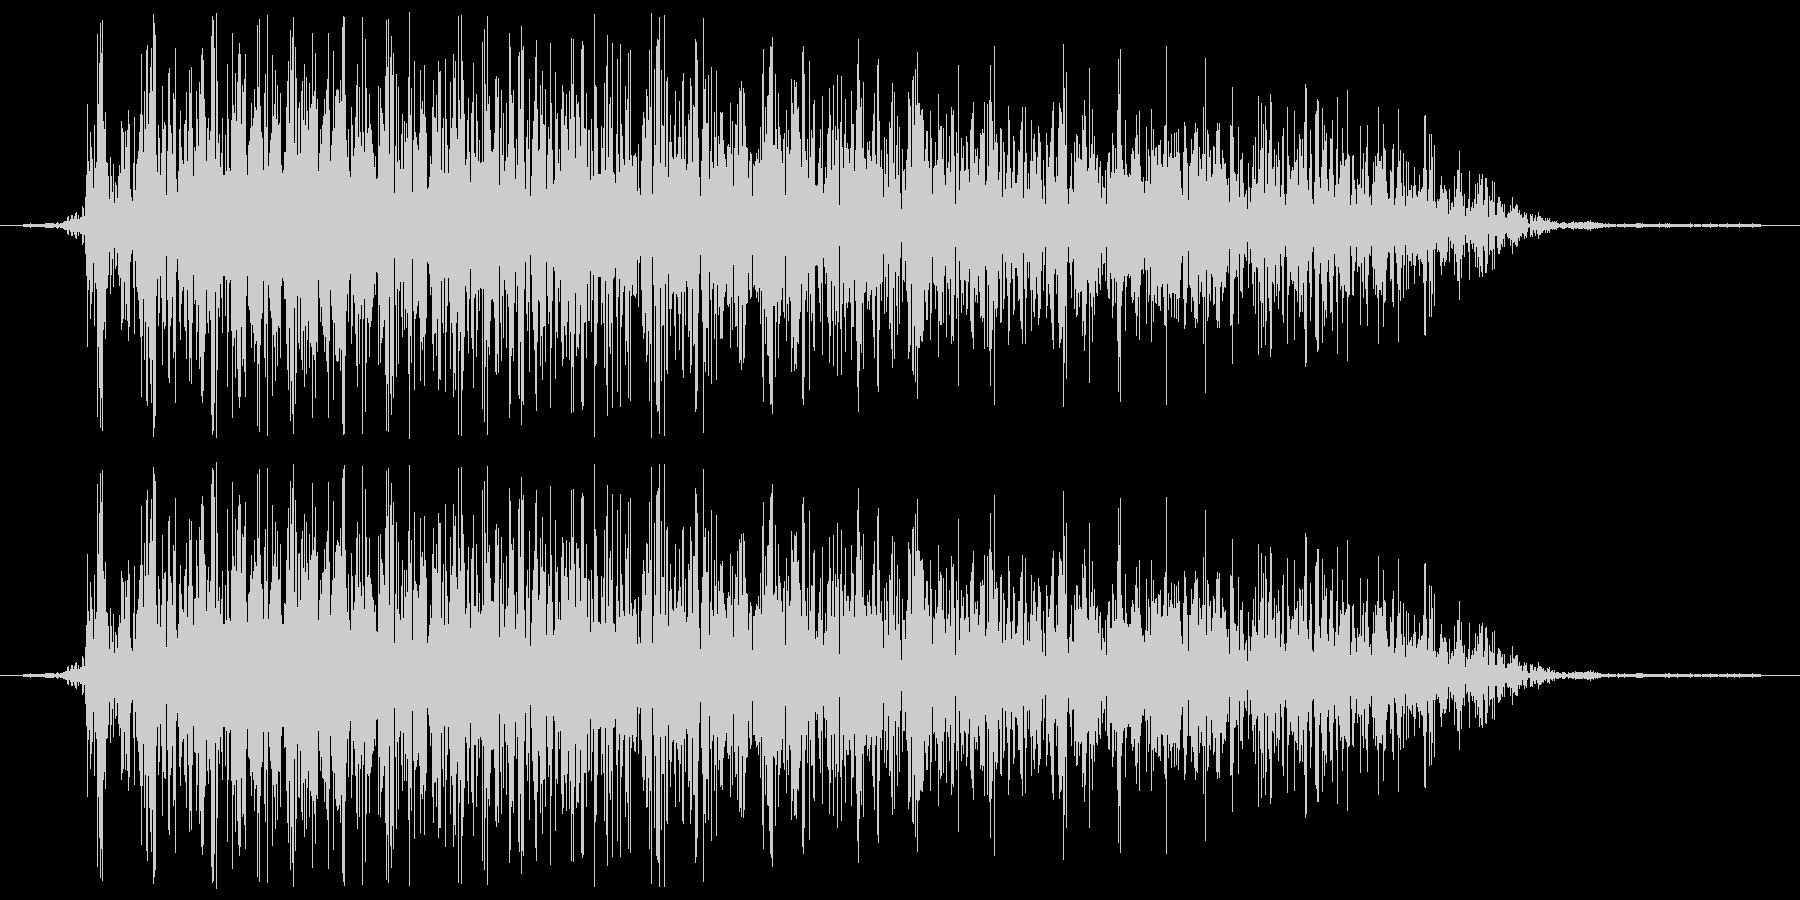 ガオーッ(モンスター、肉食系)の未再生の波形